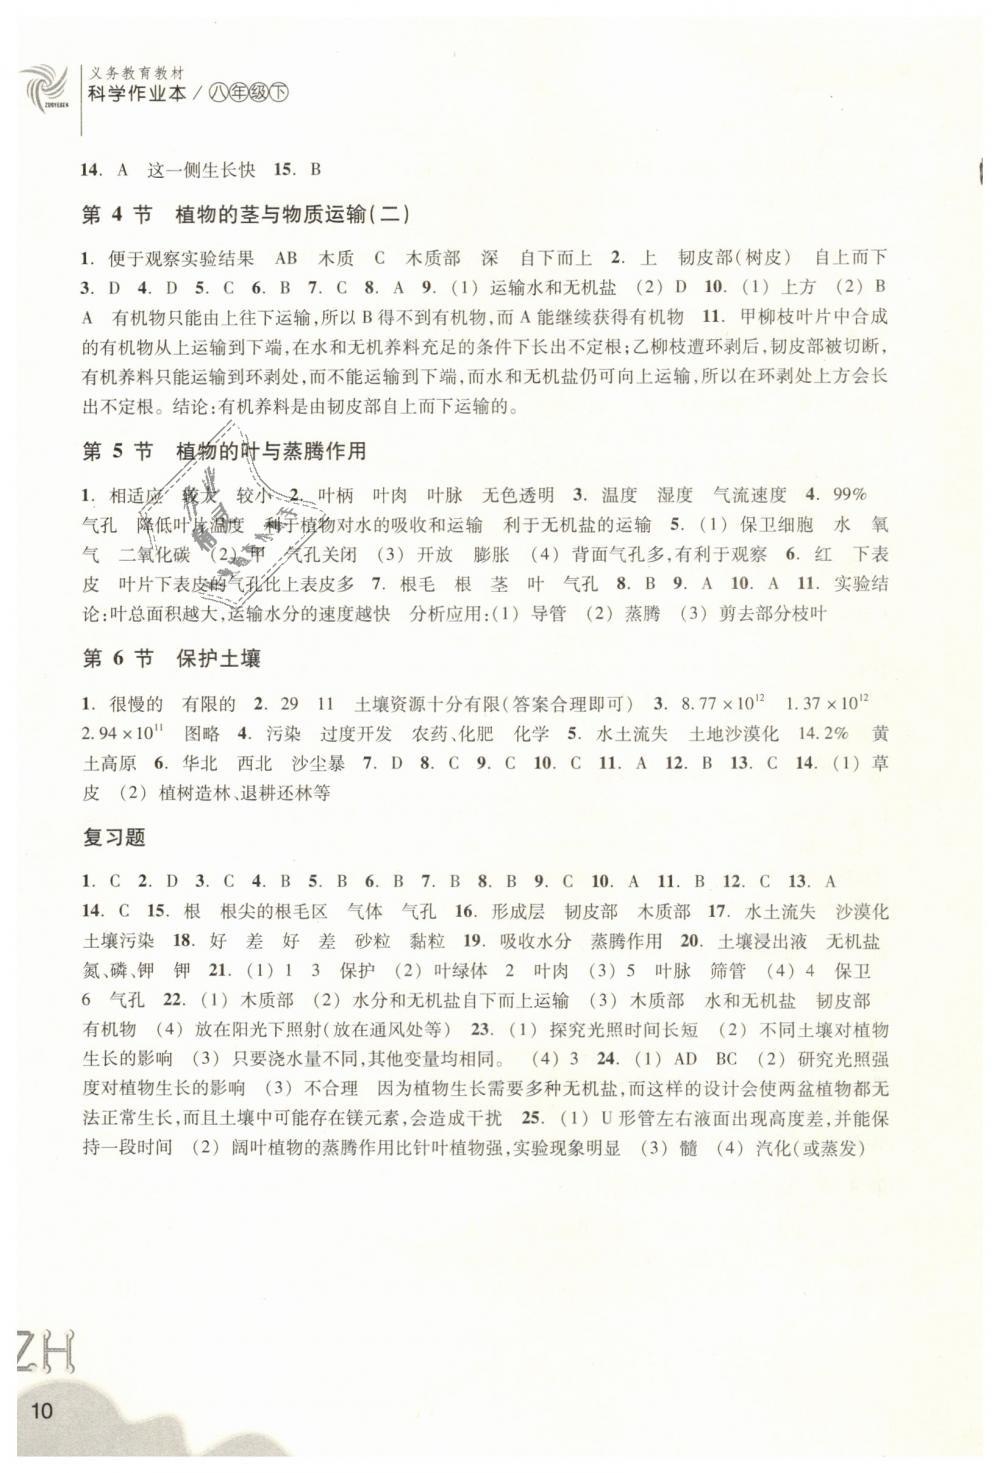 2019年作业本八年级科学下册浙教版浙江教育出版社第10页